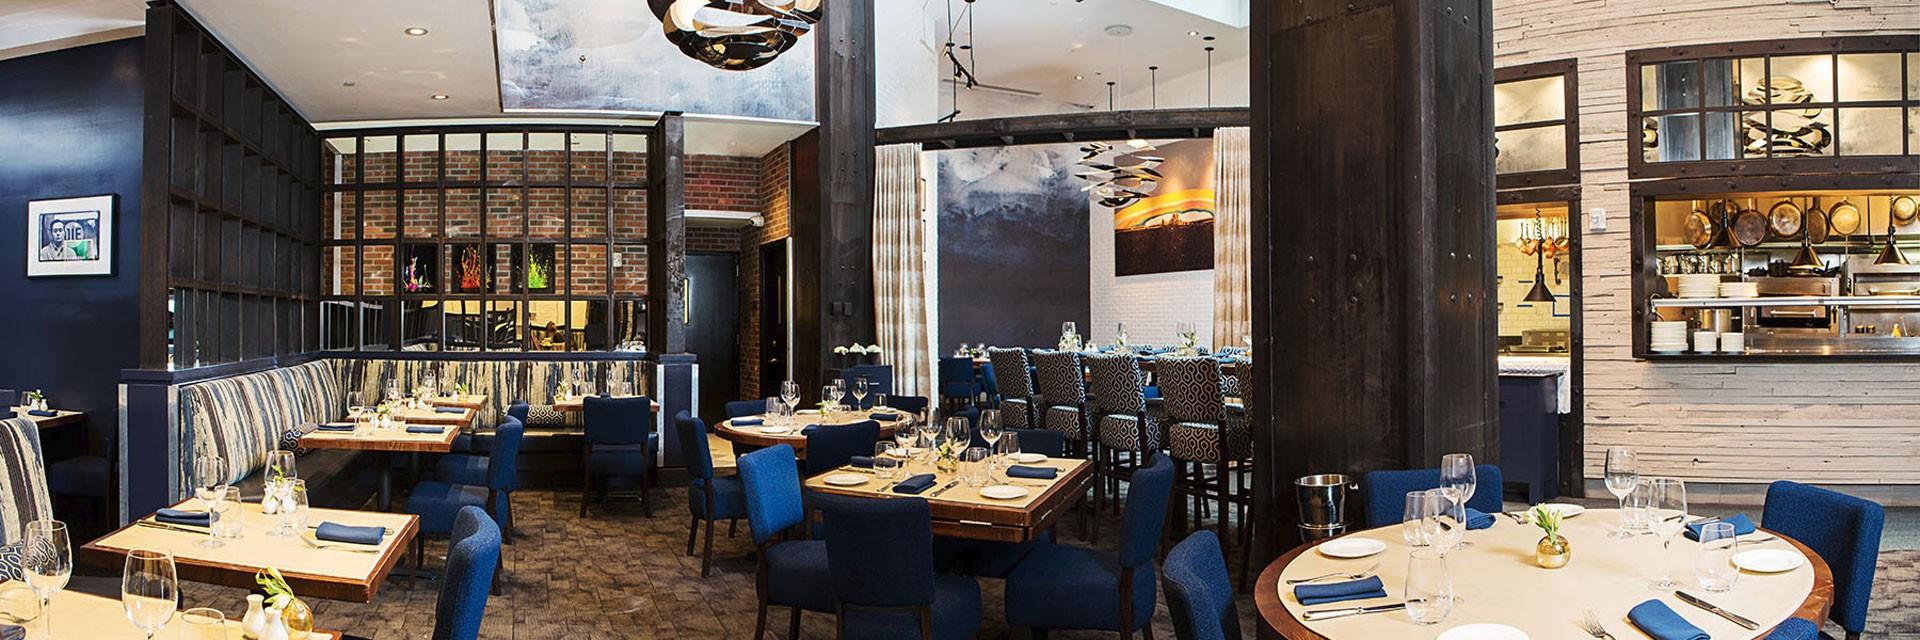 Charlie Palmer Steak  Restaurant Table Setting